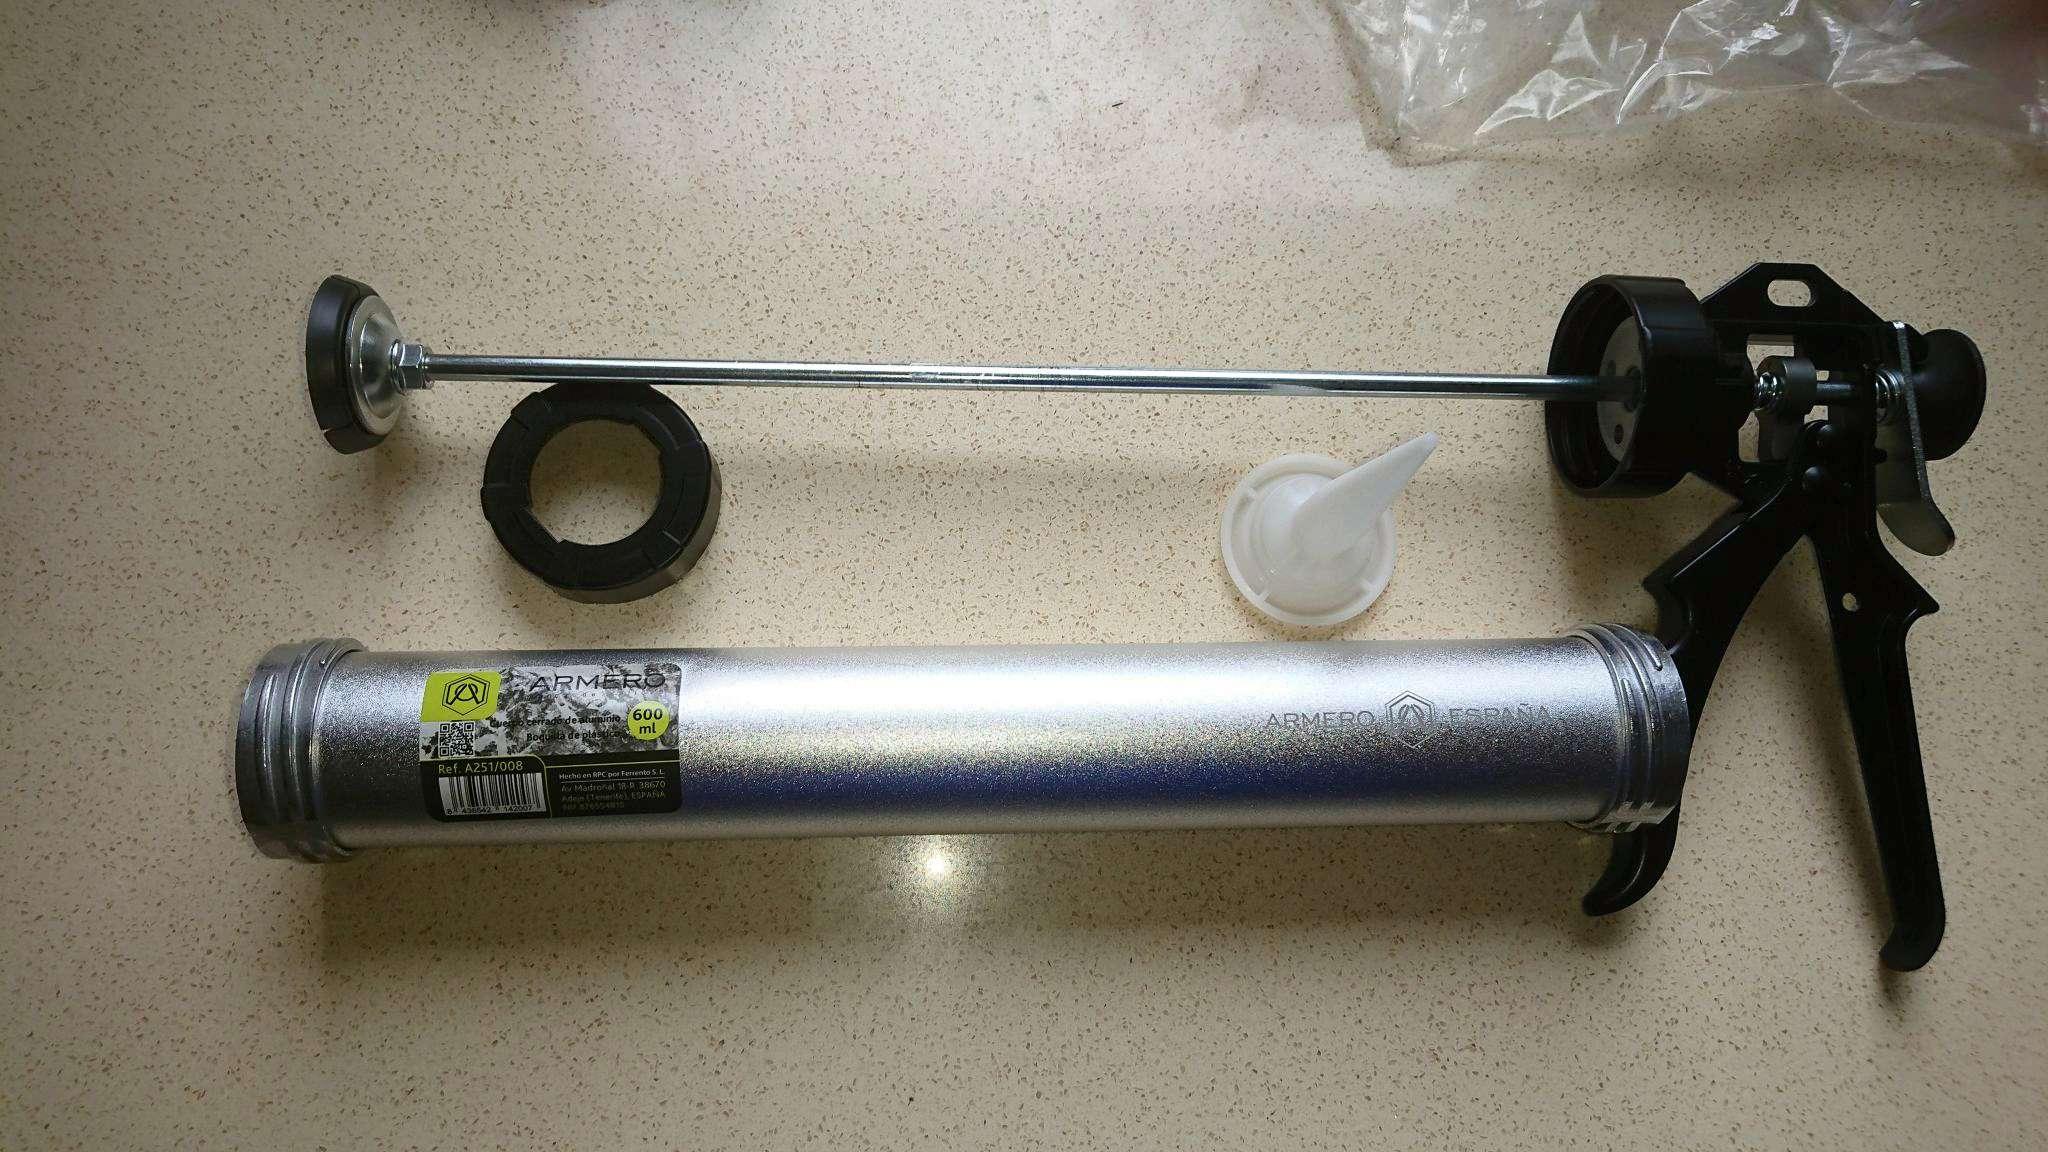 Пистолет для герметика (31 фото): скелетный профессиональный вариант для силиконового клея, полукорпусные конструкции